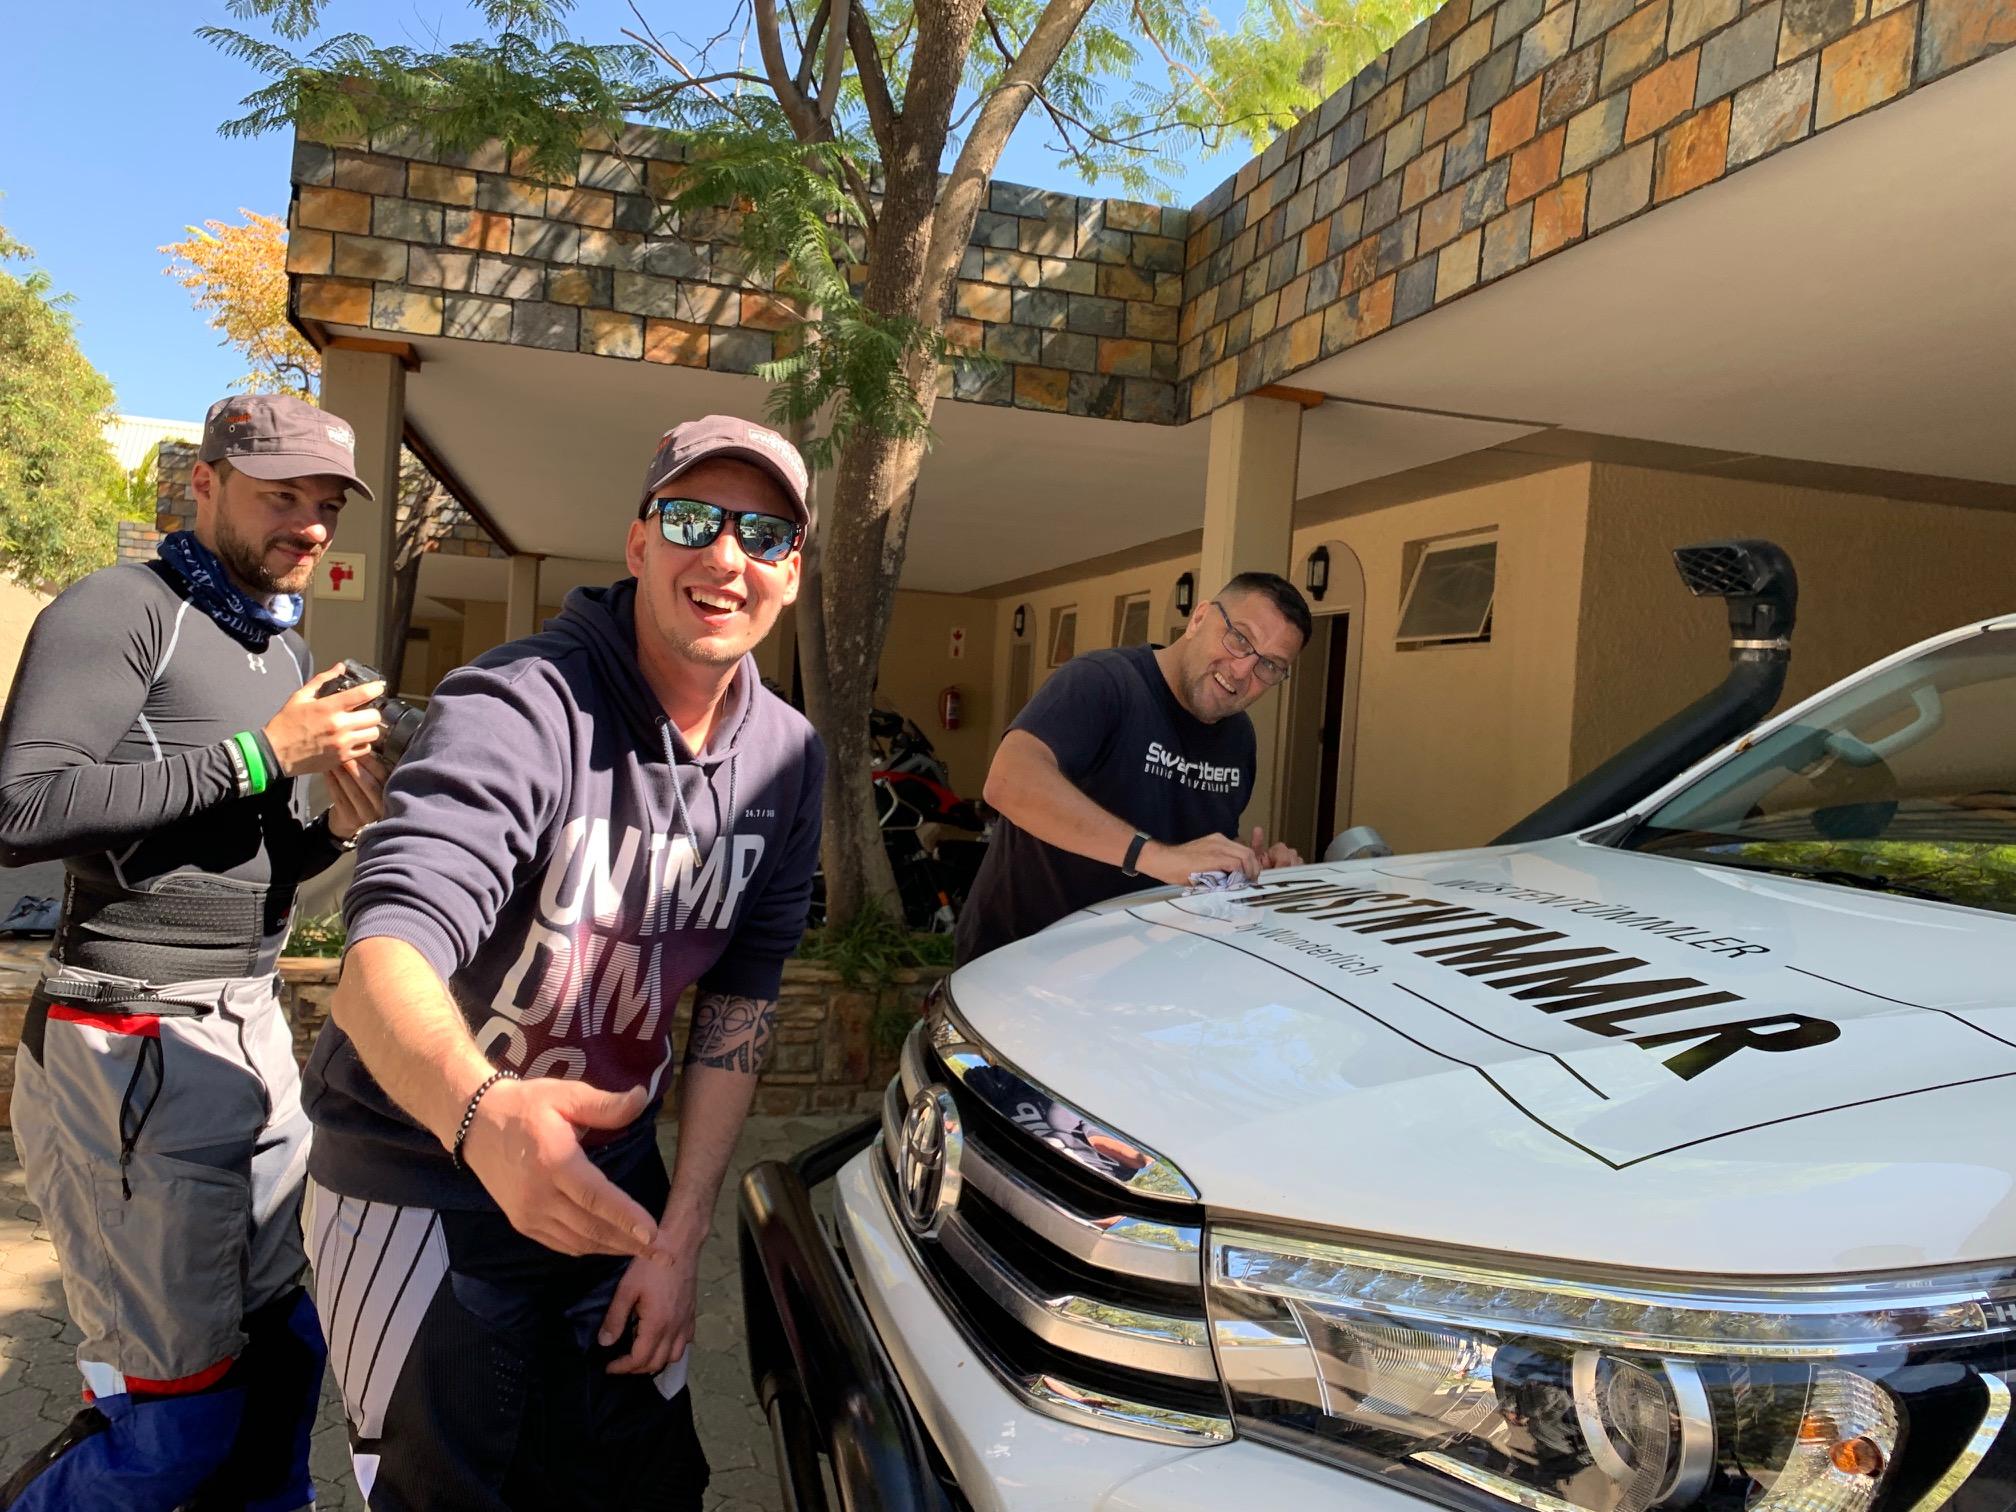 Fertig für den Namibia-Einsatz: Begleitfahrzeug für die Motorradreise